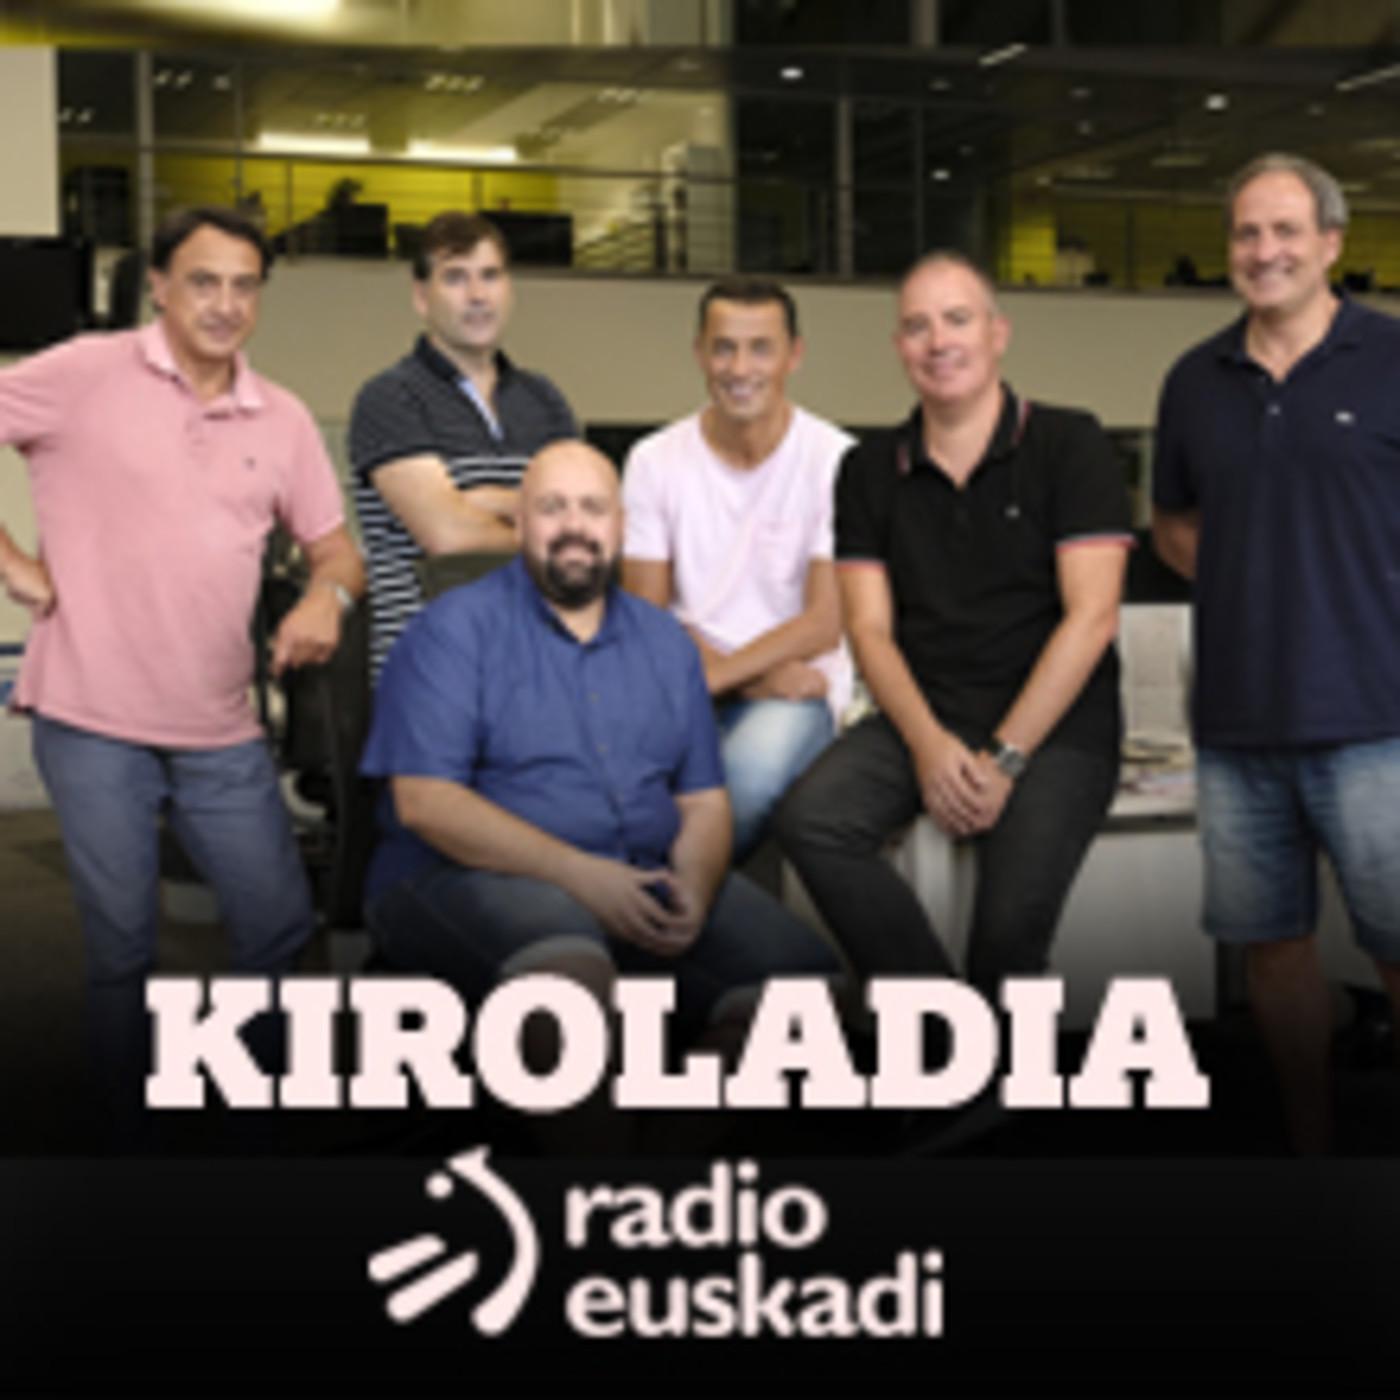 Kirolaldia 2020-2021 (17/09/2020)